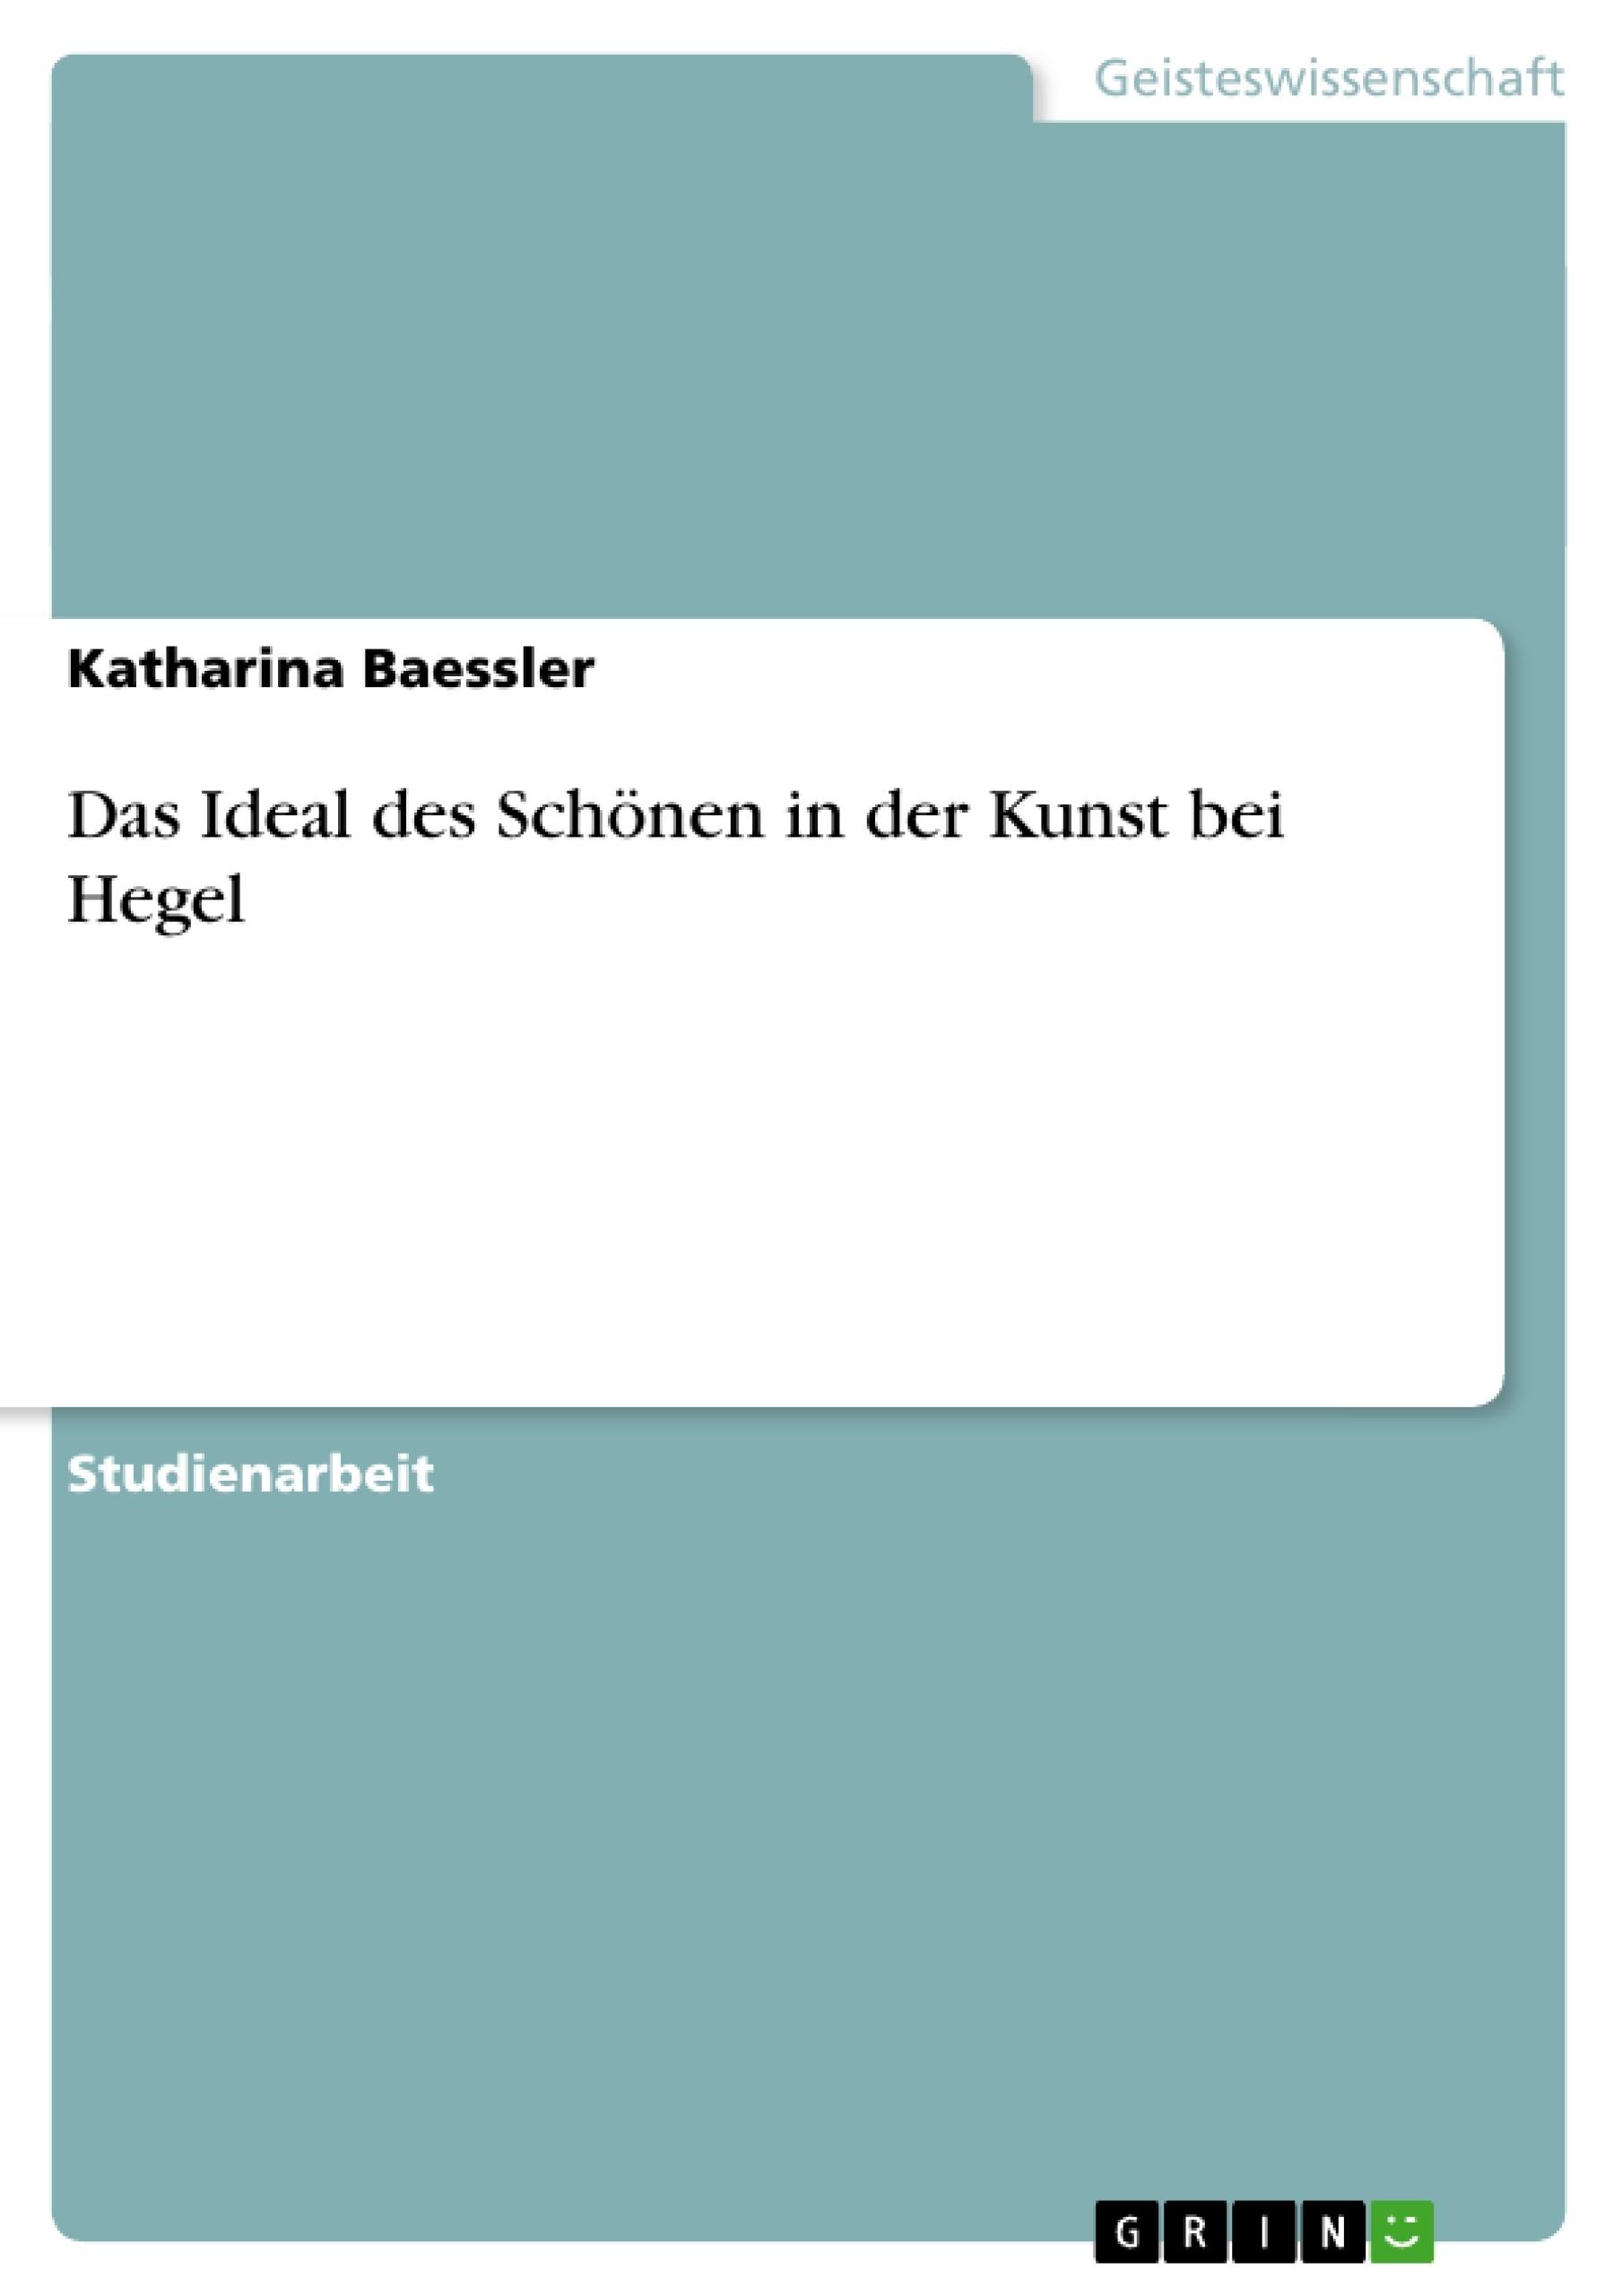 Titel: Das Ideal des Schönen in der Kunst bei Hegel